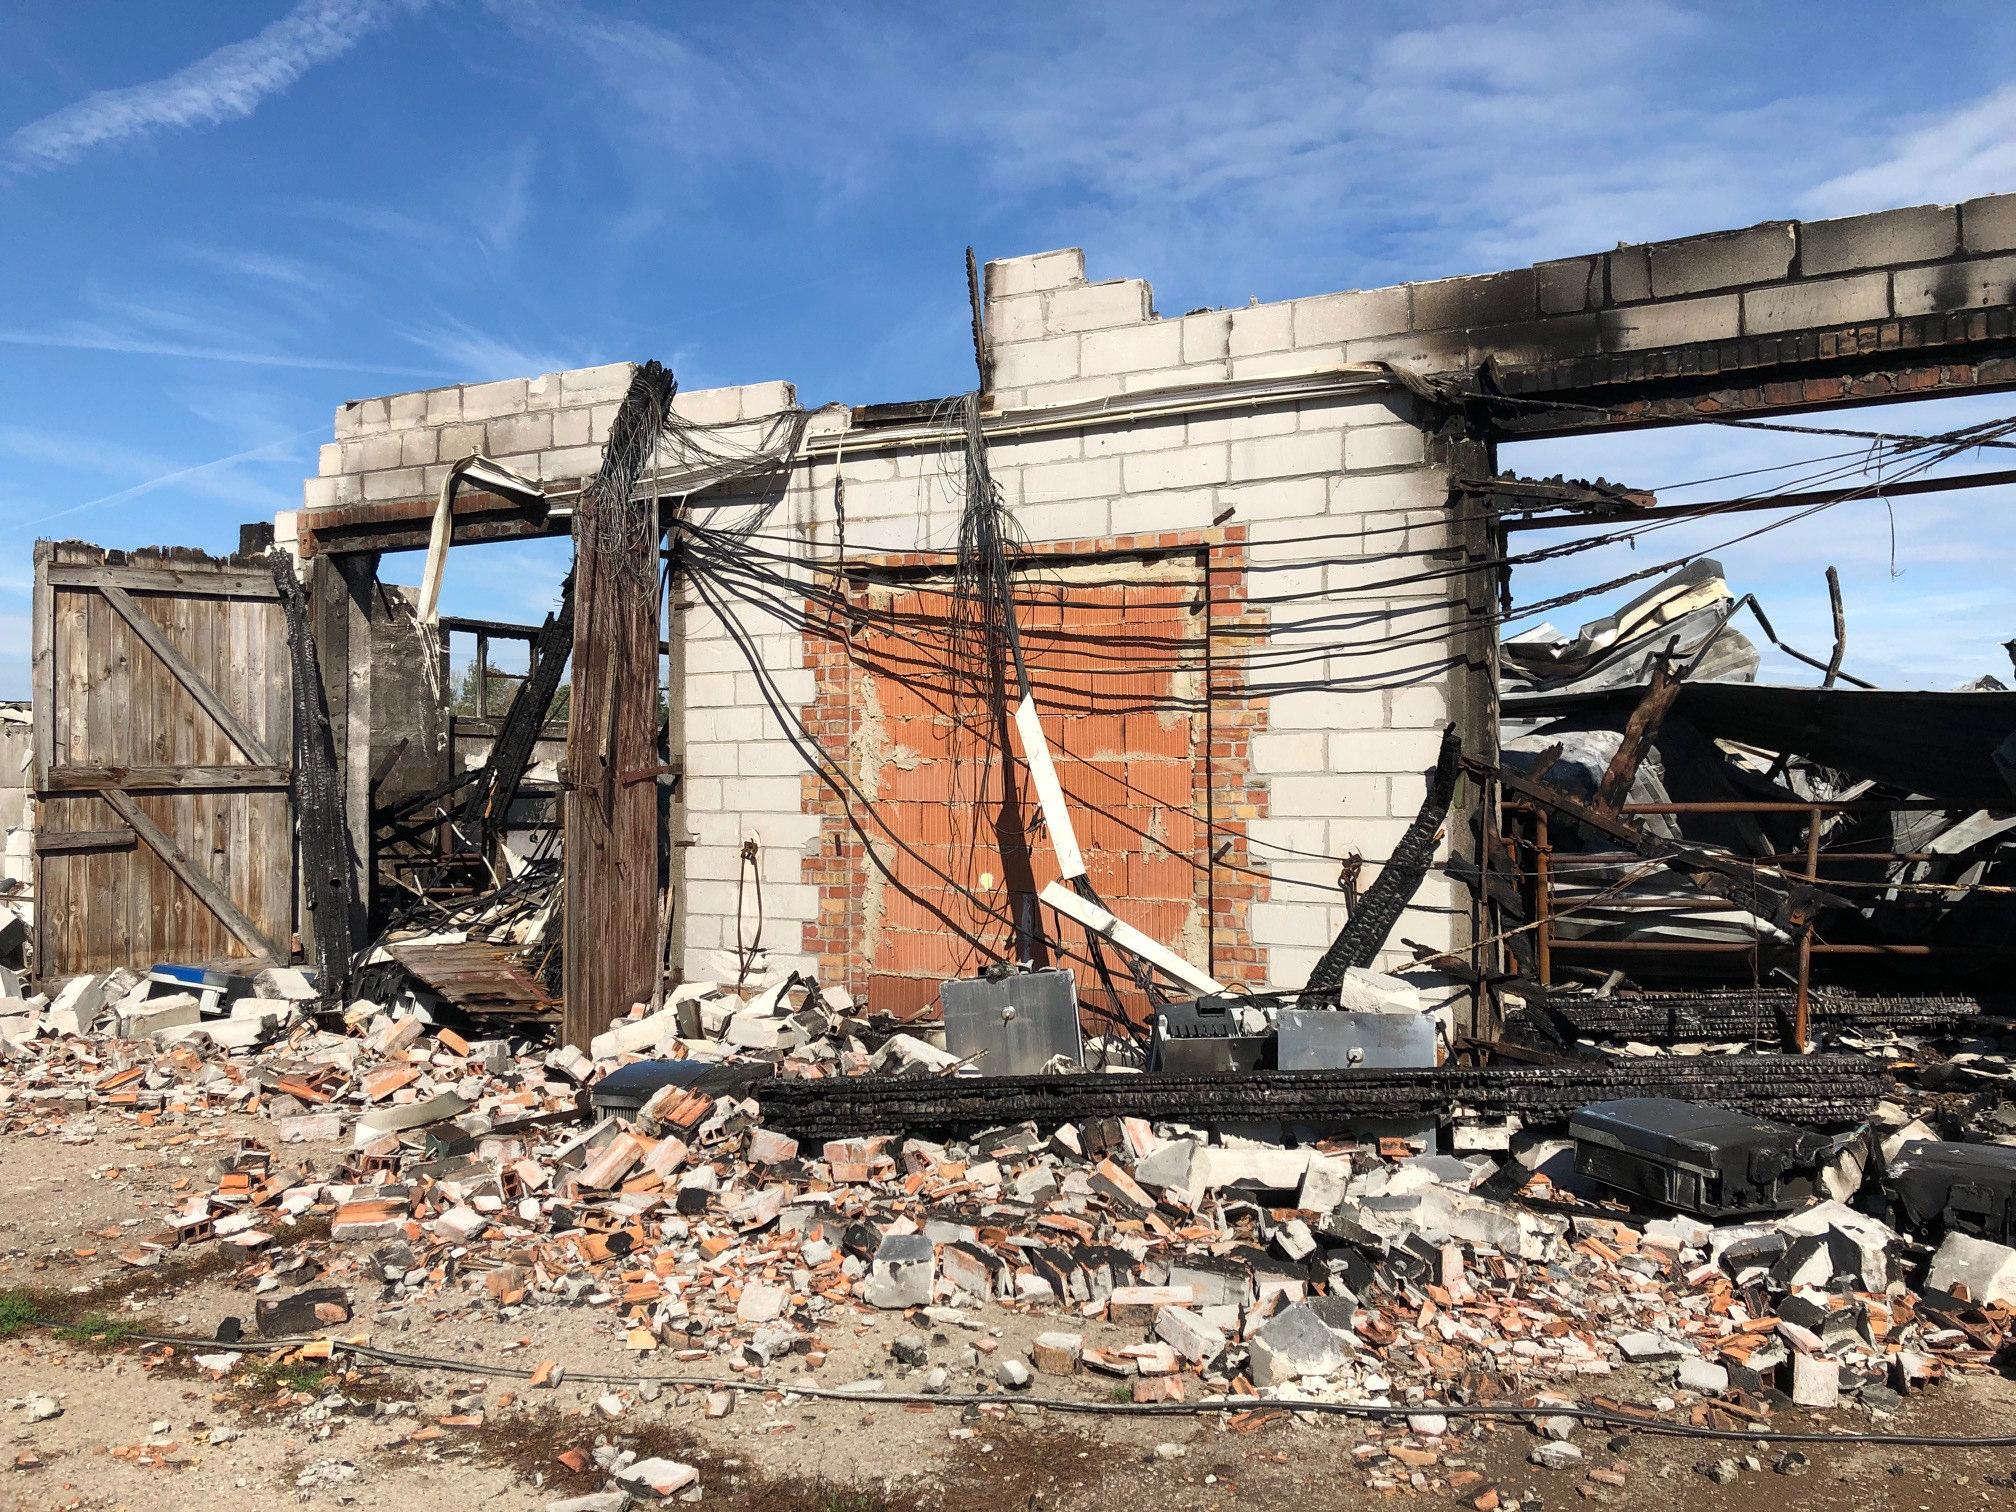 Trümmer eines ausgebrannten Stalls